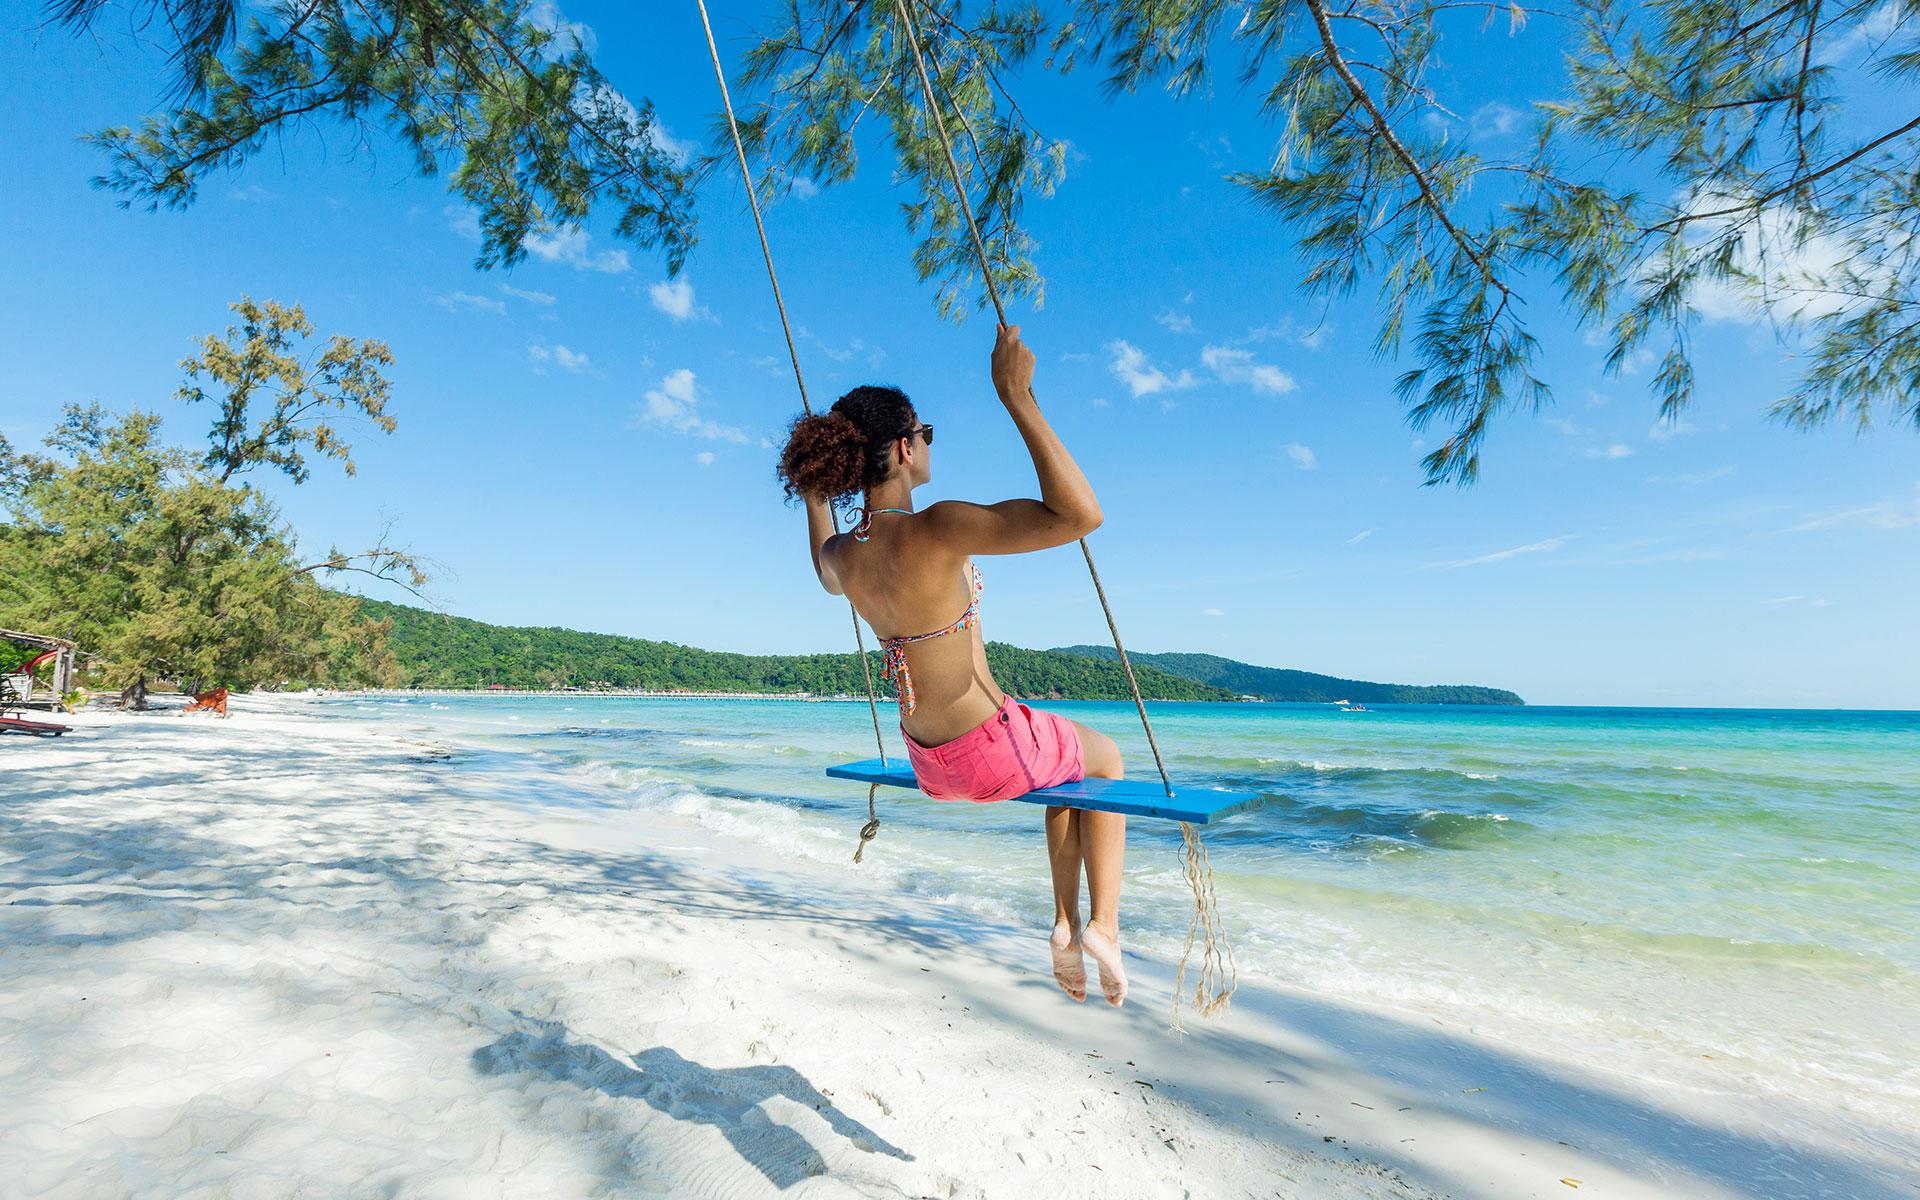 Best beaches in Koh Rong Samloem, Cambodia